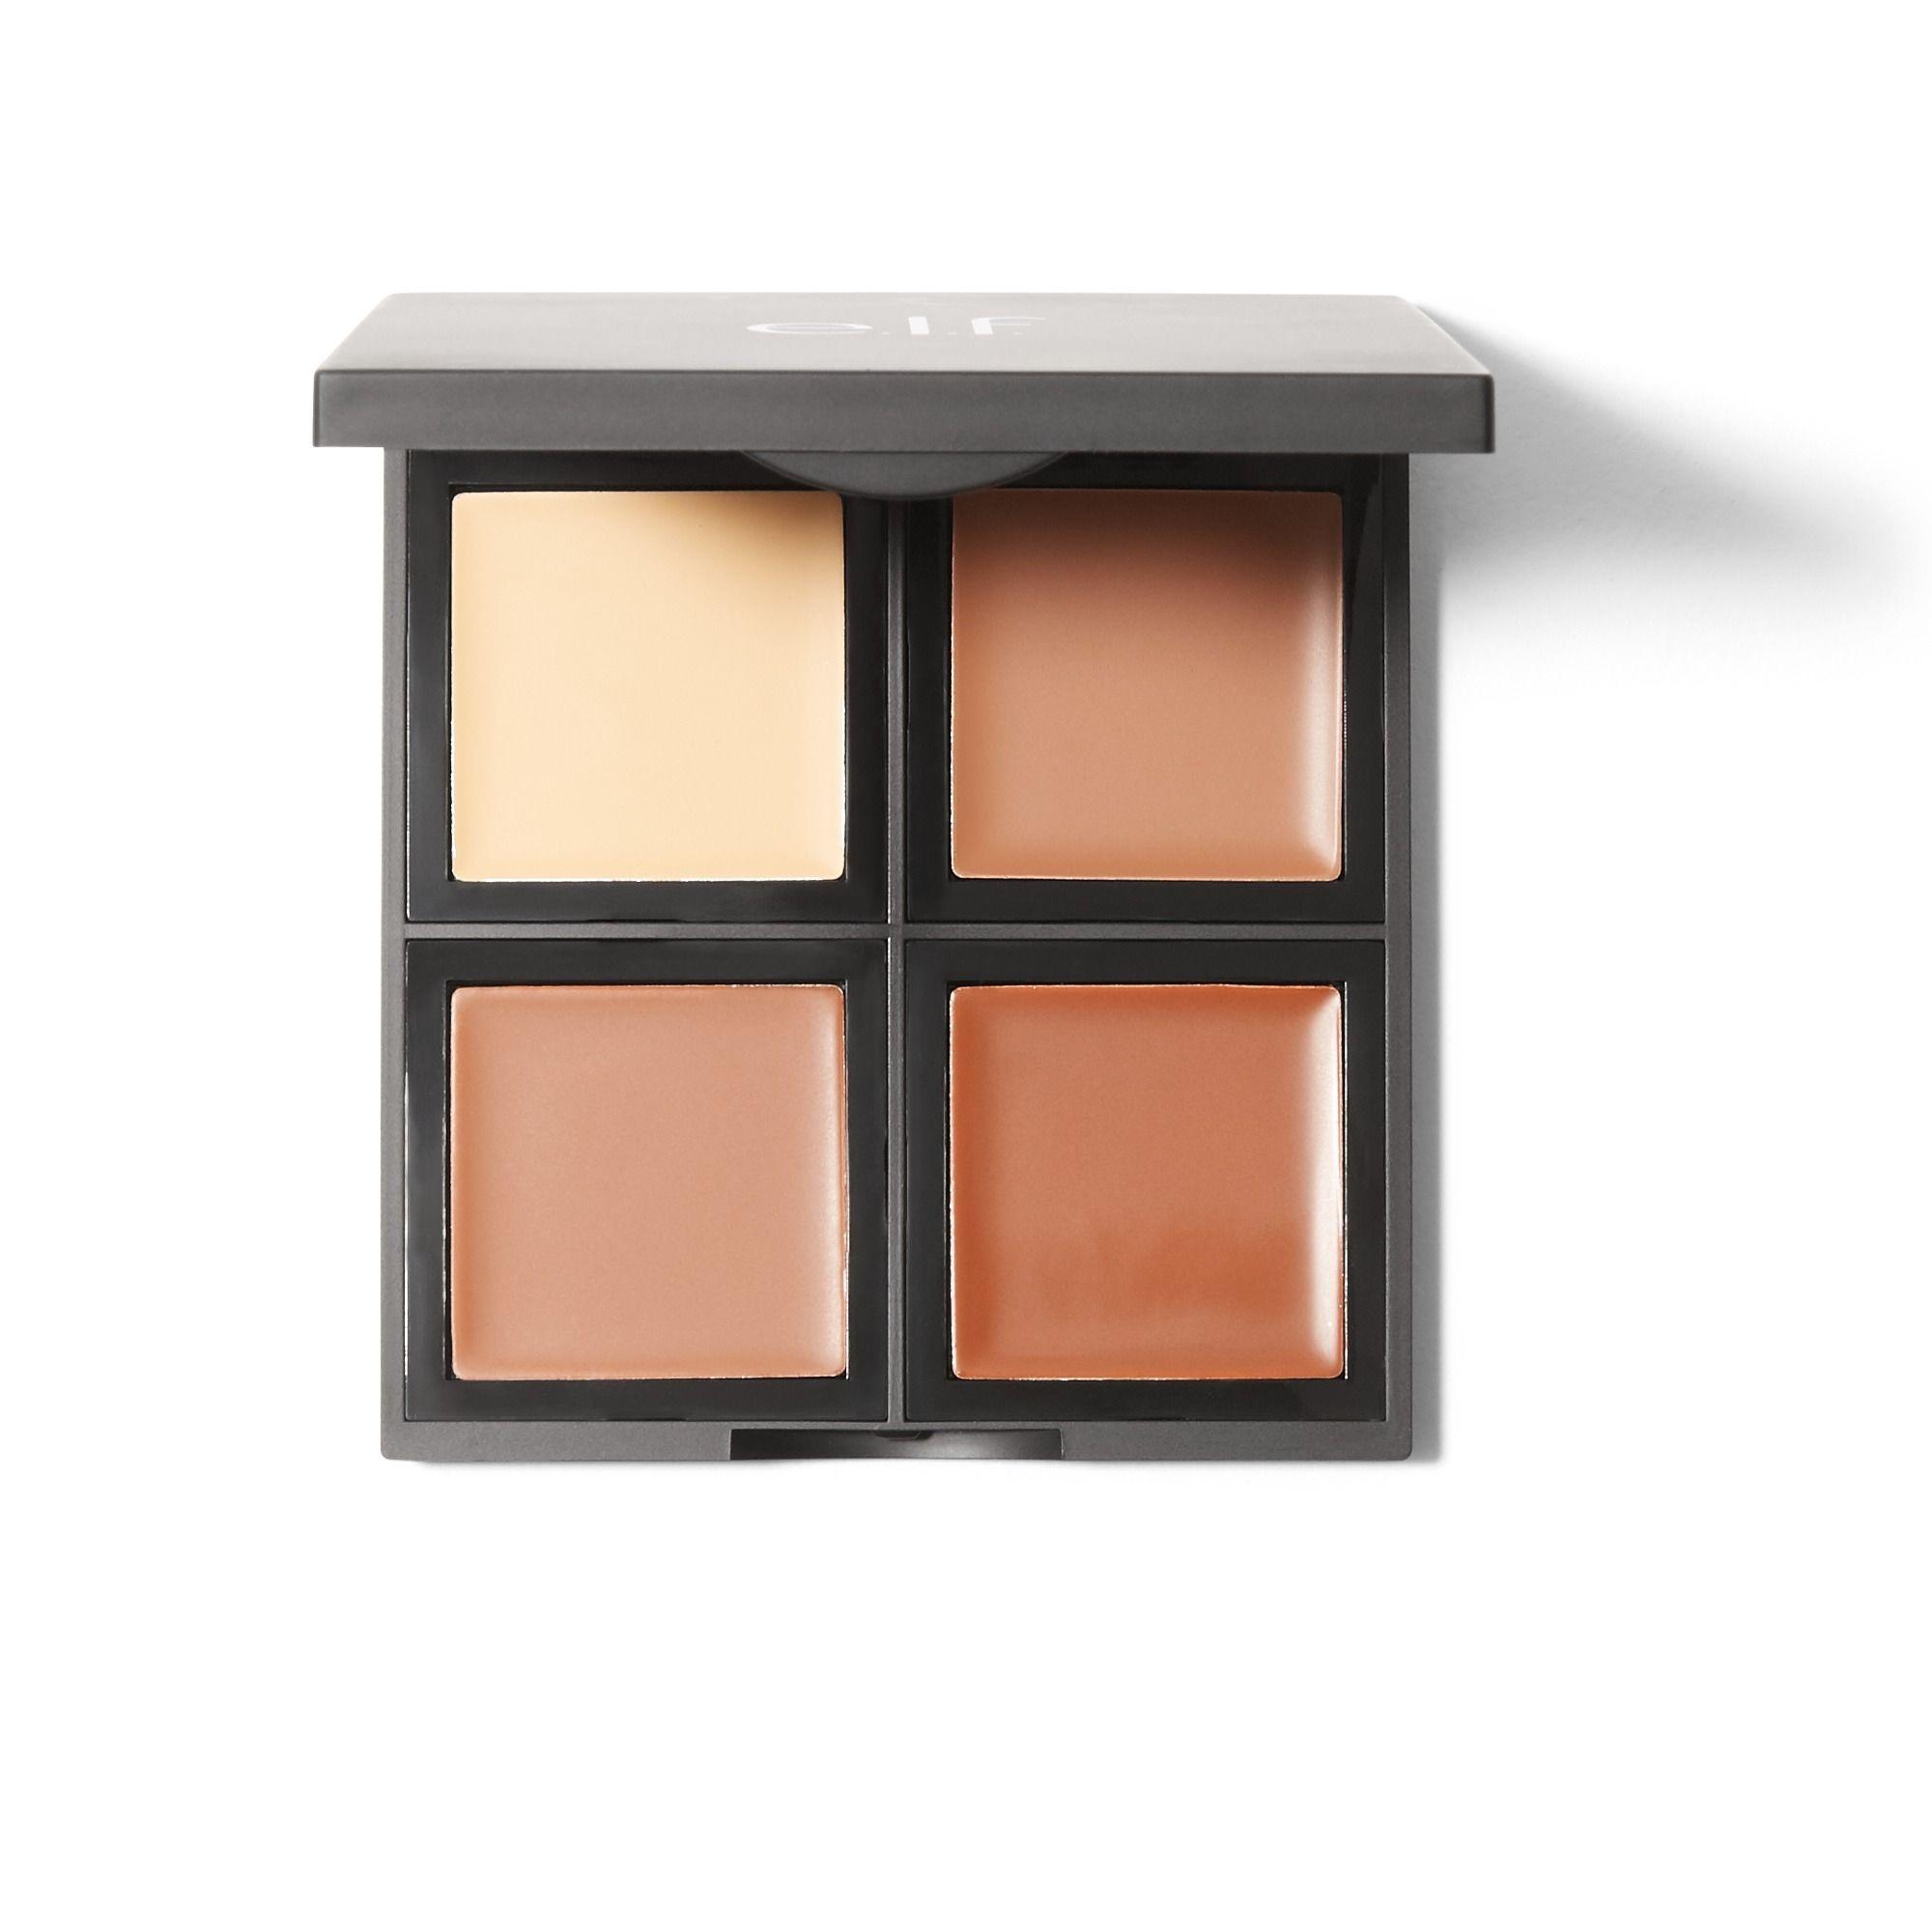 e.l.f. Cosmetics Cream Contour Palette